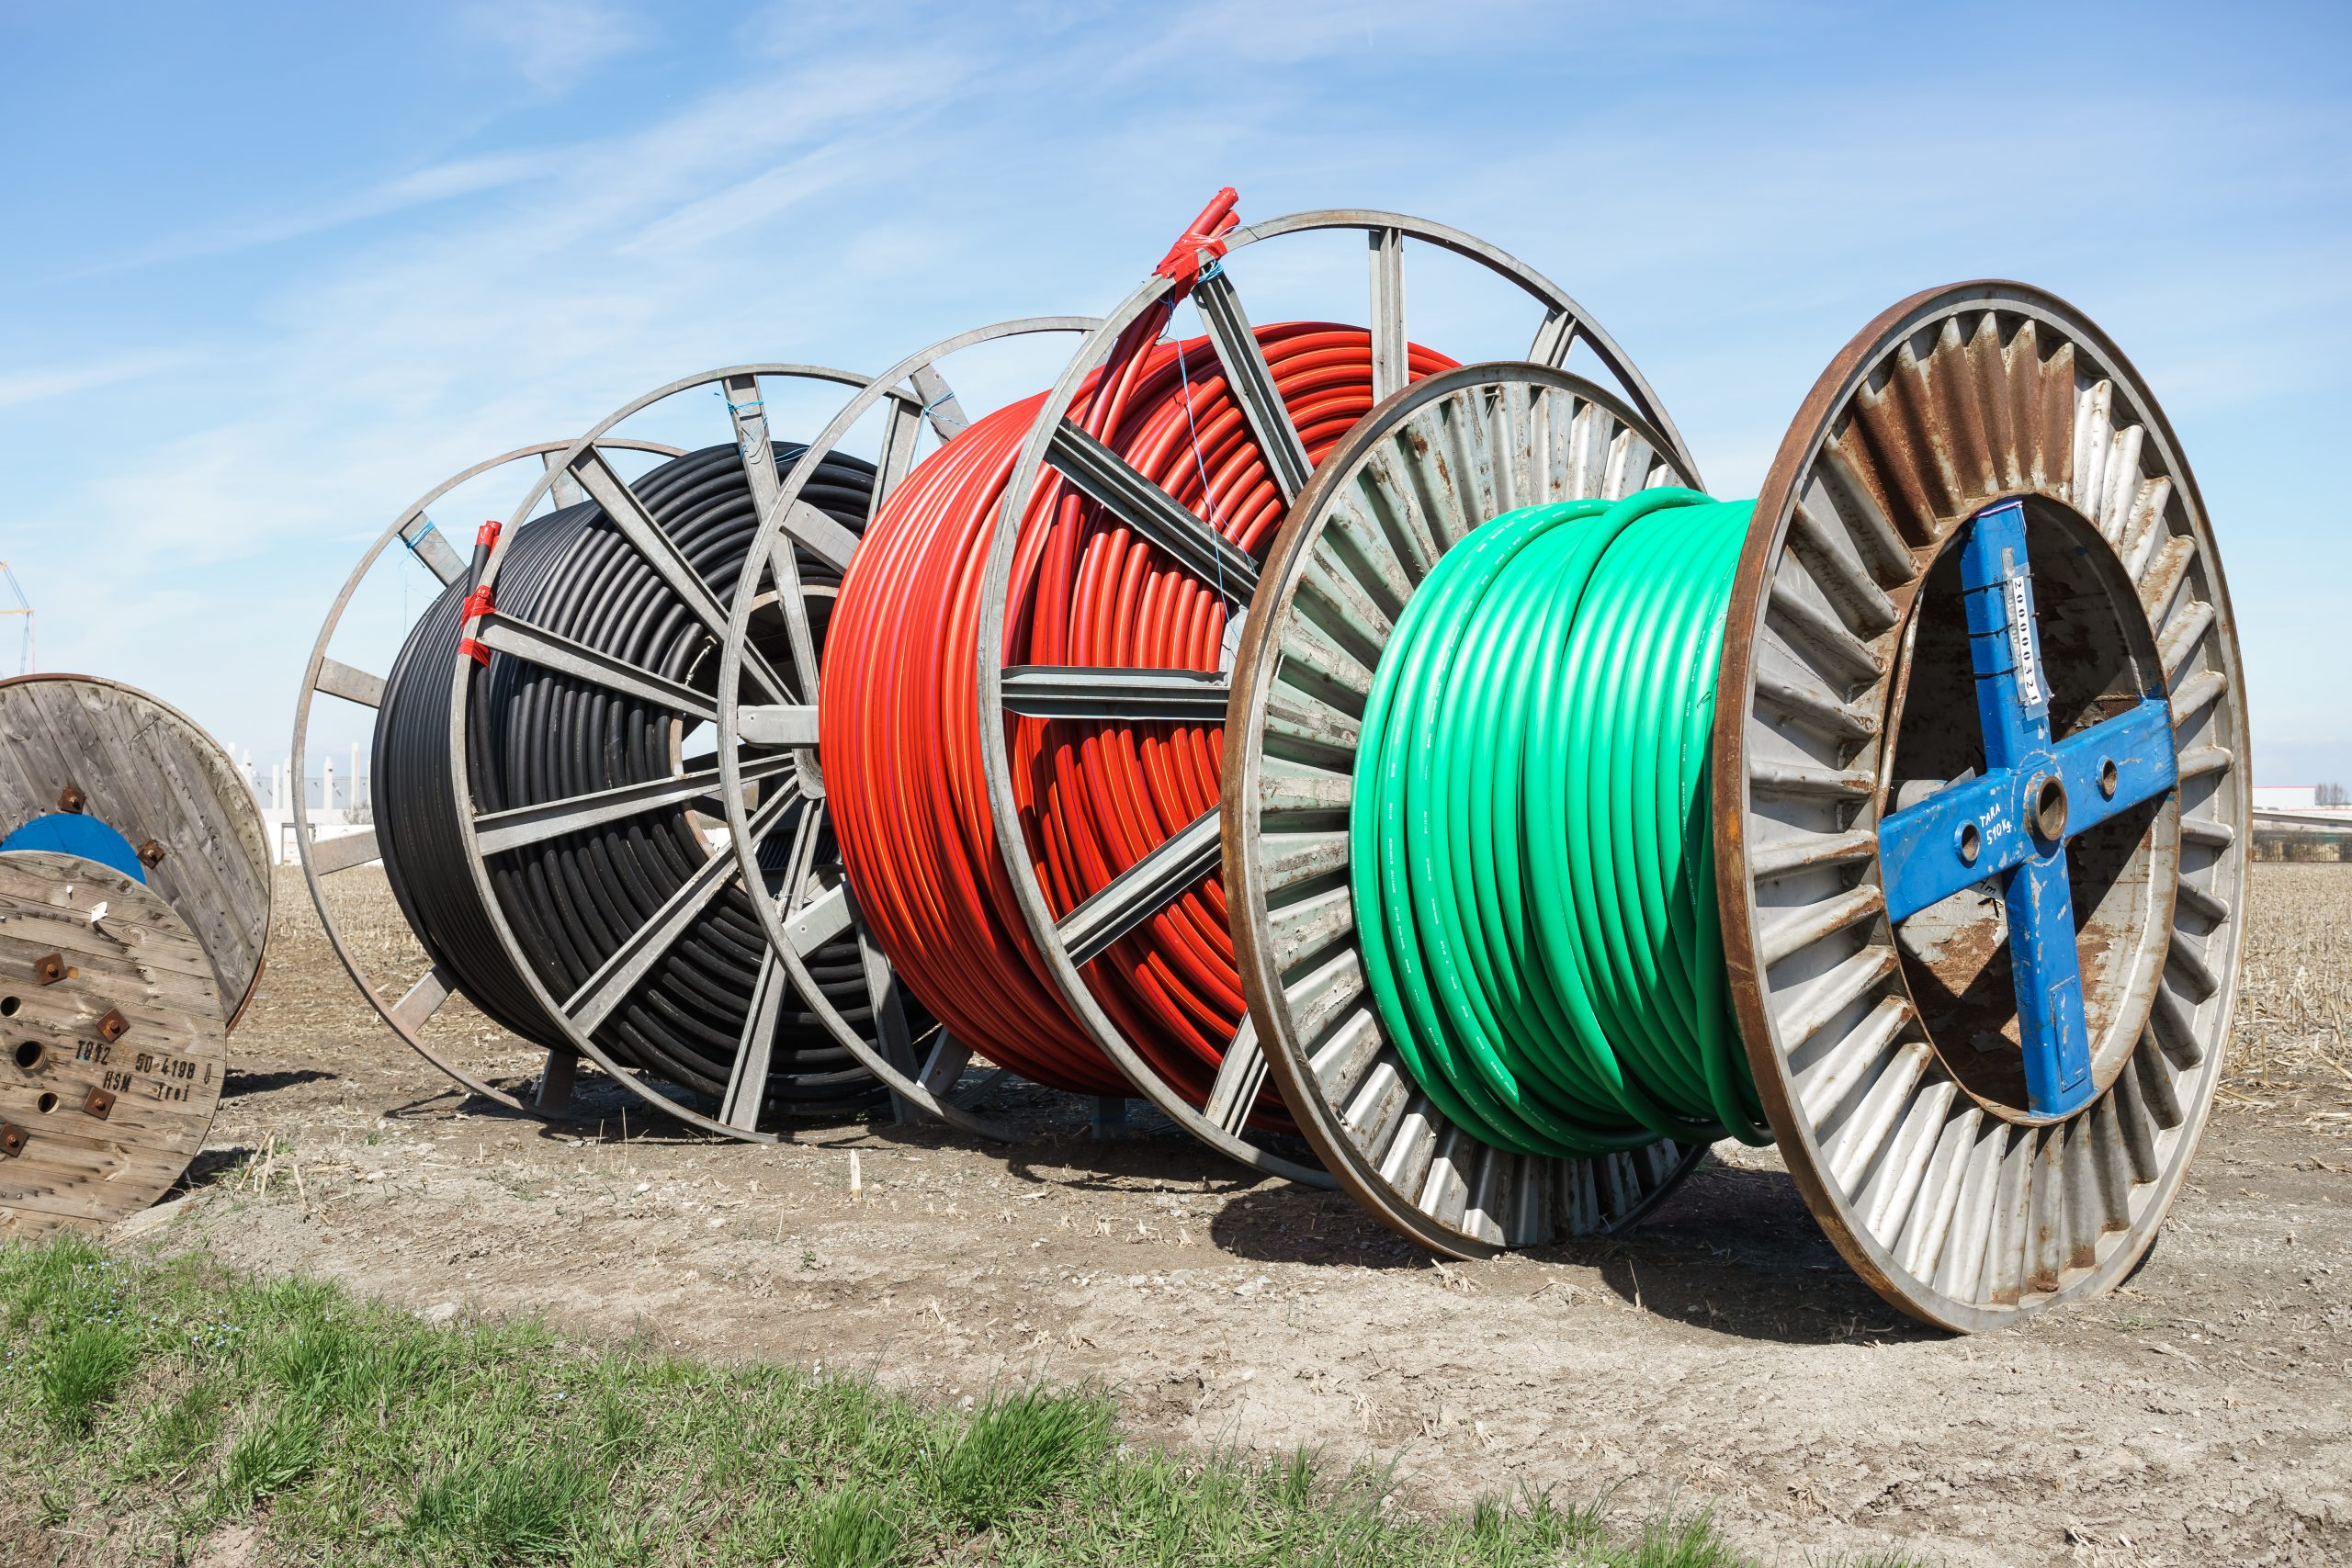 3 Broadband spools in field